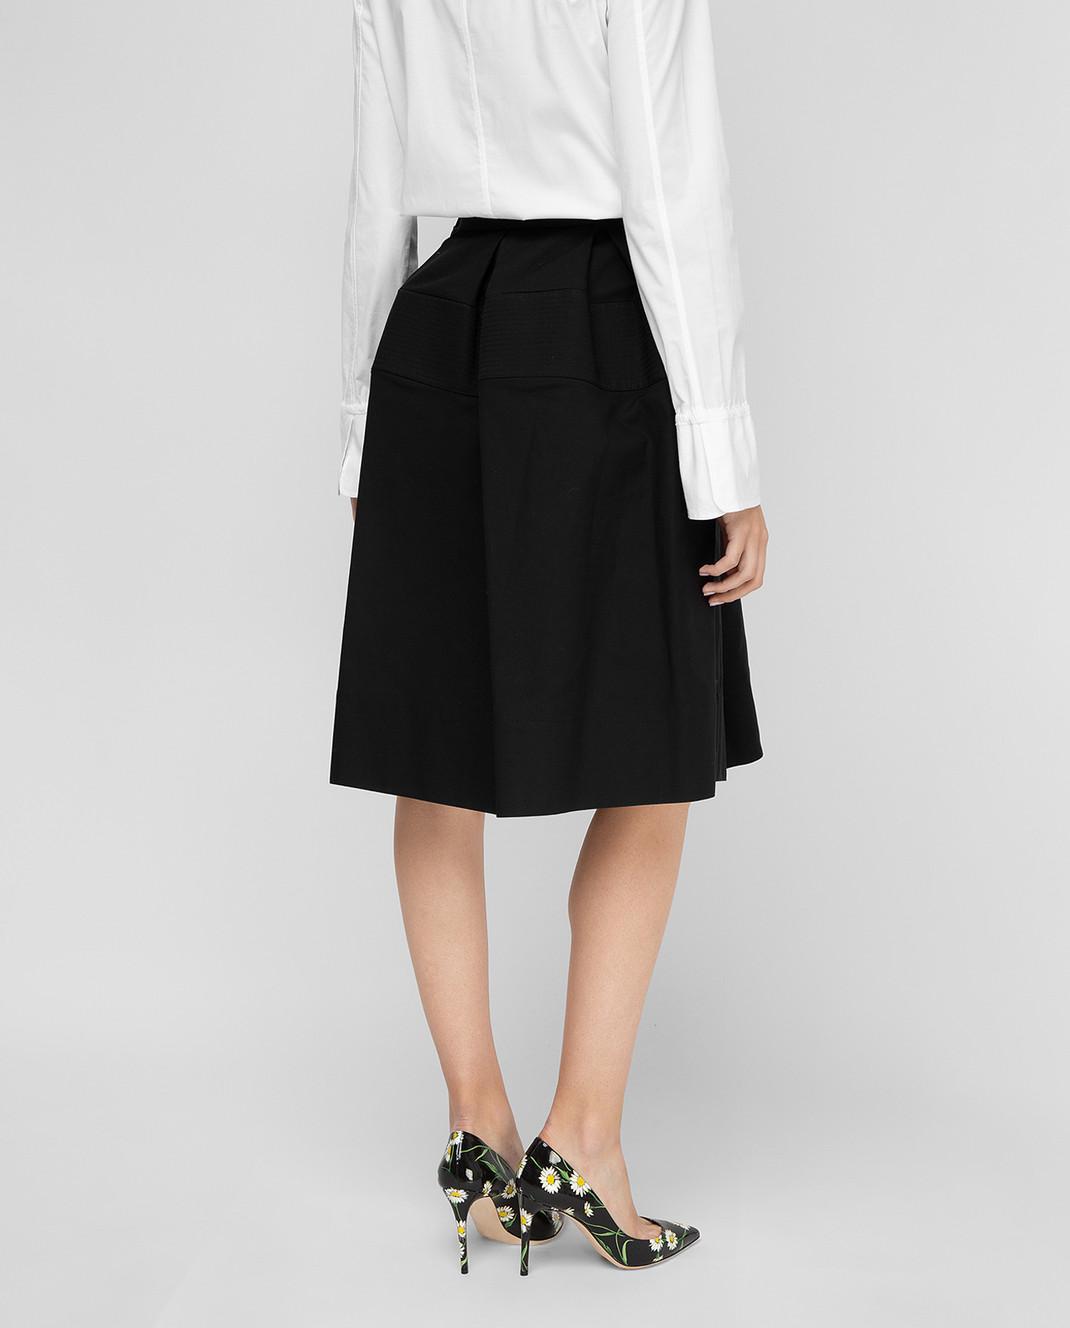 Balenciaga Черная юбка 413384 изображение 4